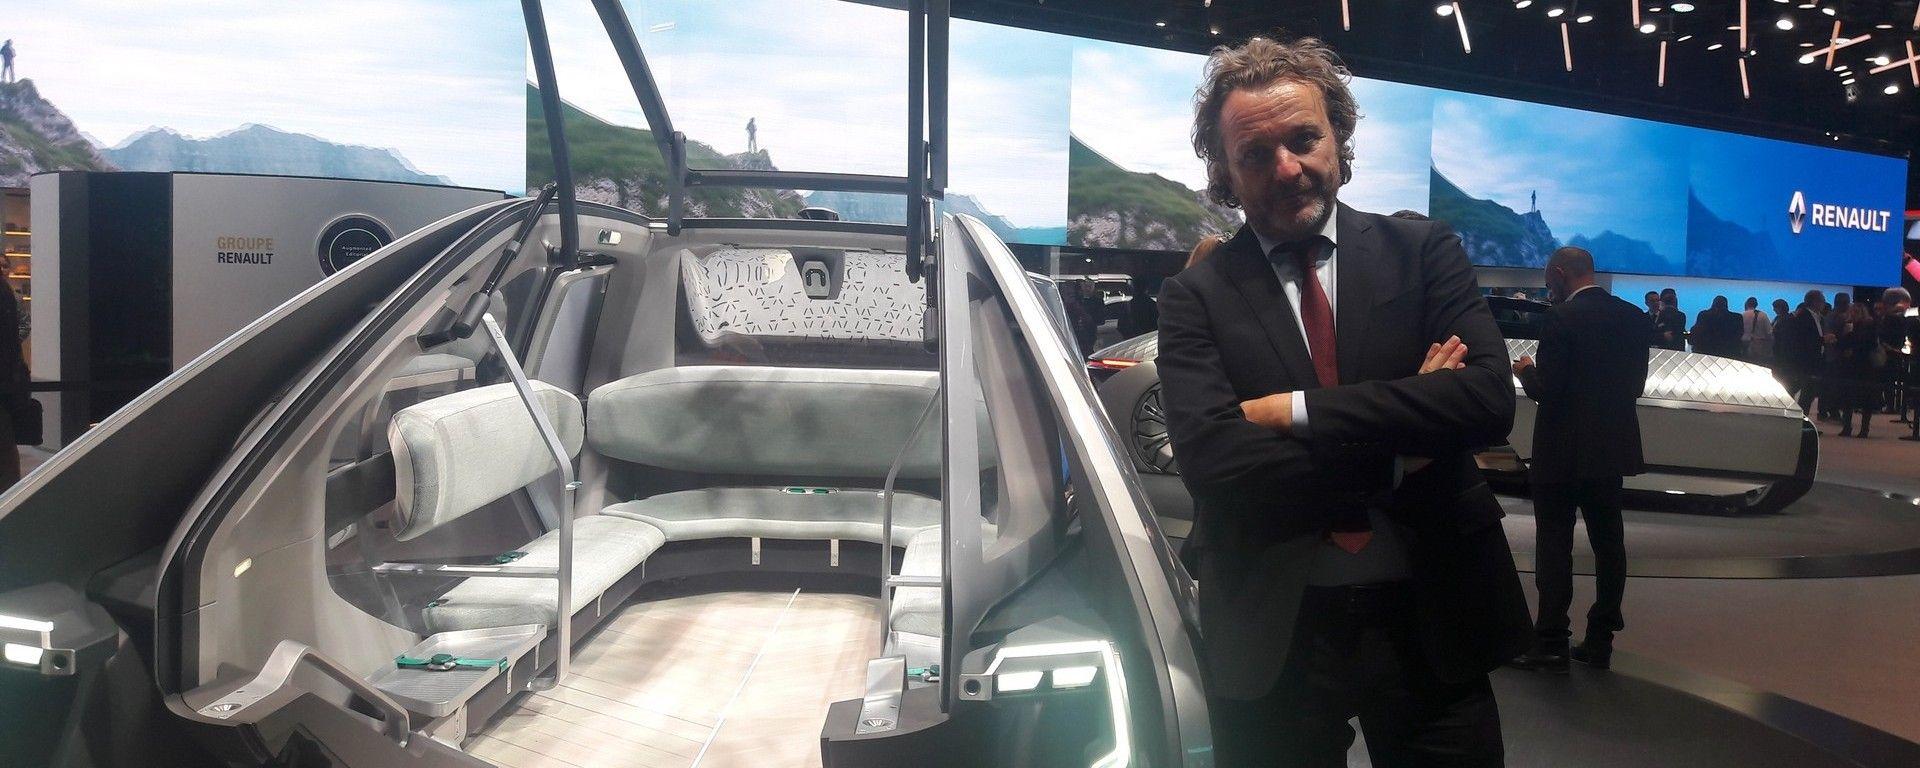 Novità Renault a Parigi 2018: intervista a Francesco Fontana Giusti